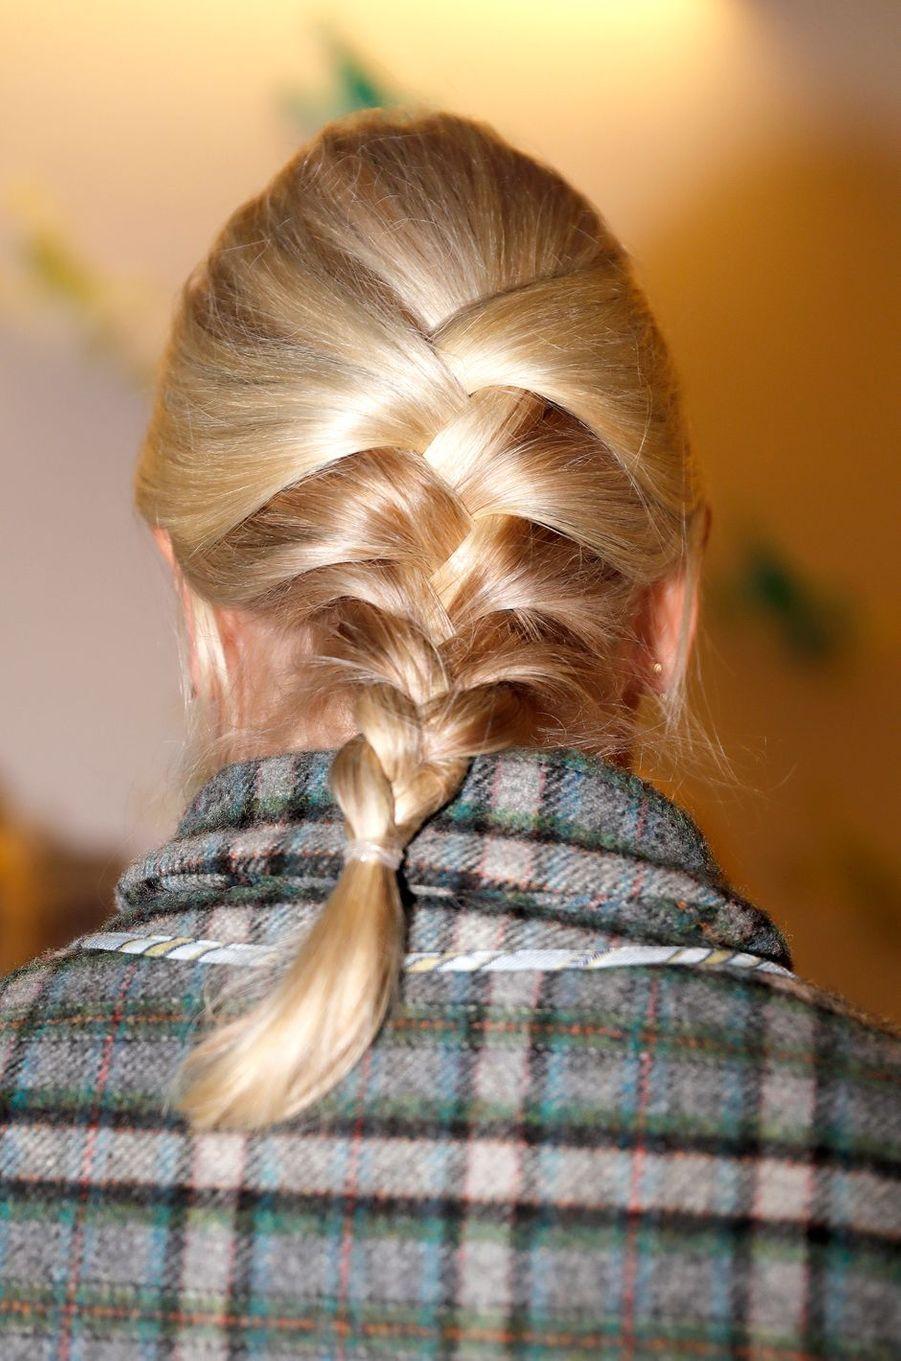 La coiffure de la princesse Mette-Marit de Norvège à Baerum, le 14 décembre 2016